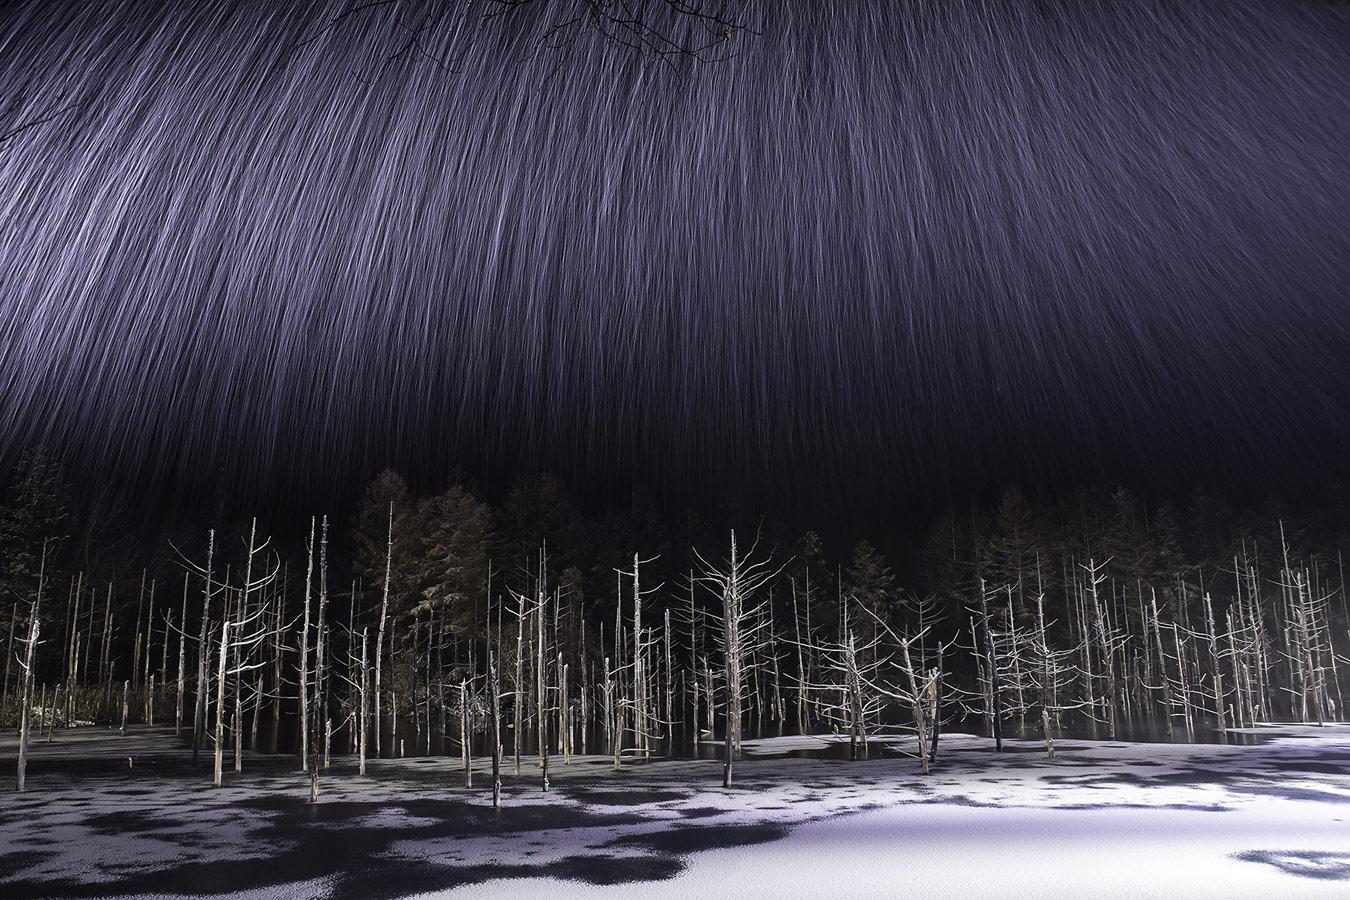 Юсуке Хаяси / Yusuke Hayashi, Хоккайдо, Япония, Победитель в категории «Пейзаж», Фотоконкурс «Лучшая природная фотография Азии» — Nature's Best Photography Asia